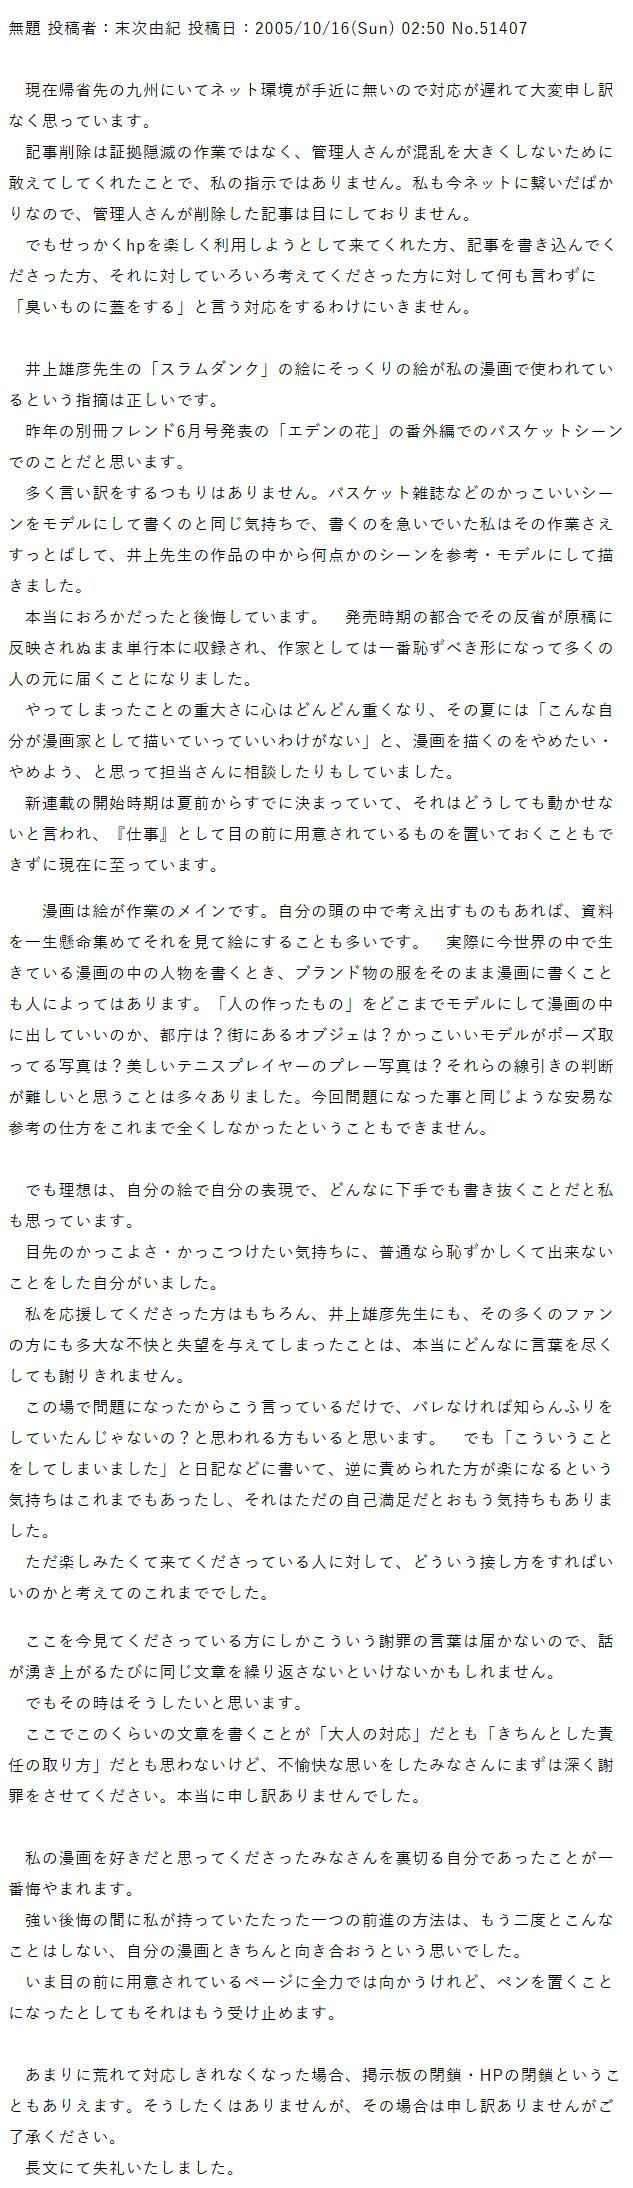 公式サイト閉鎖直前の末次由紀氏の書き込み